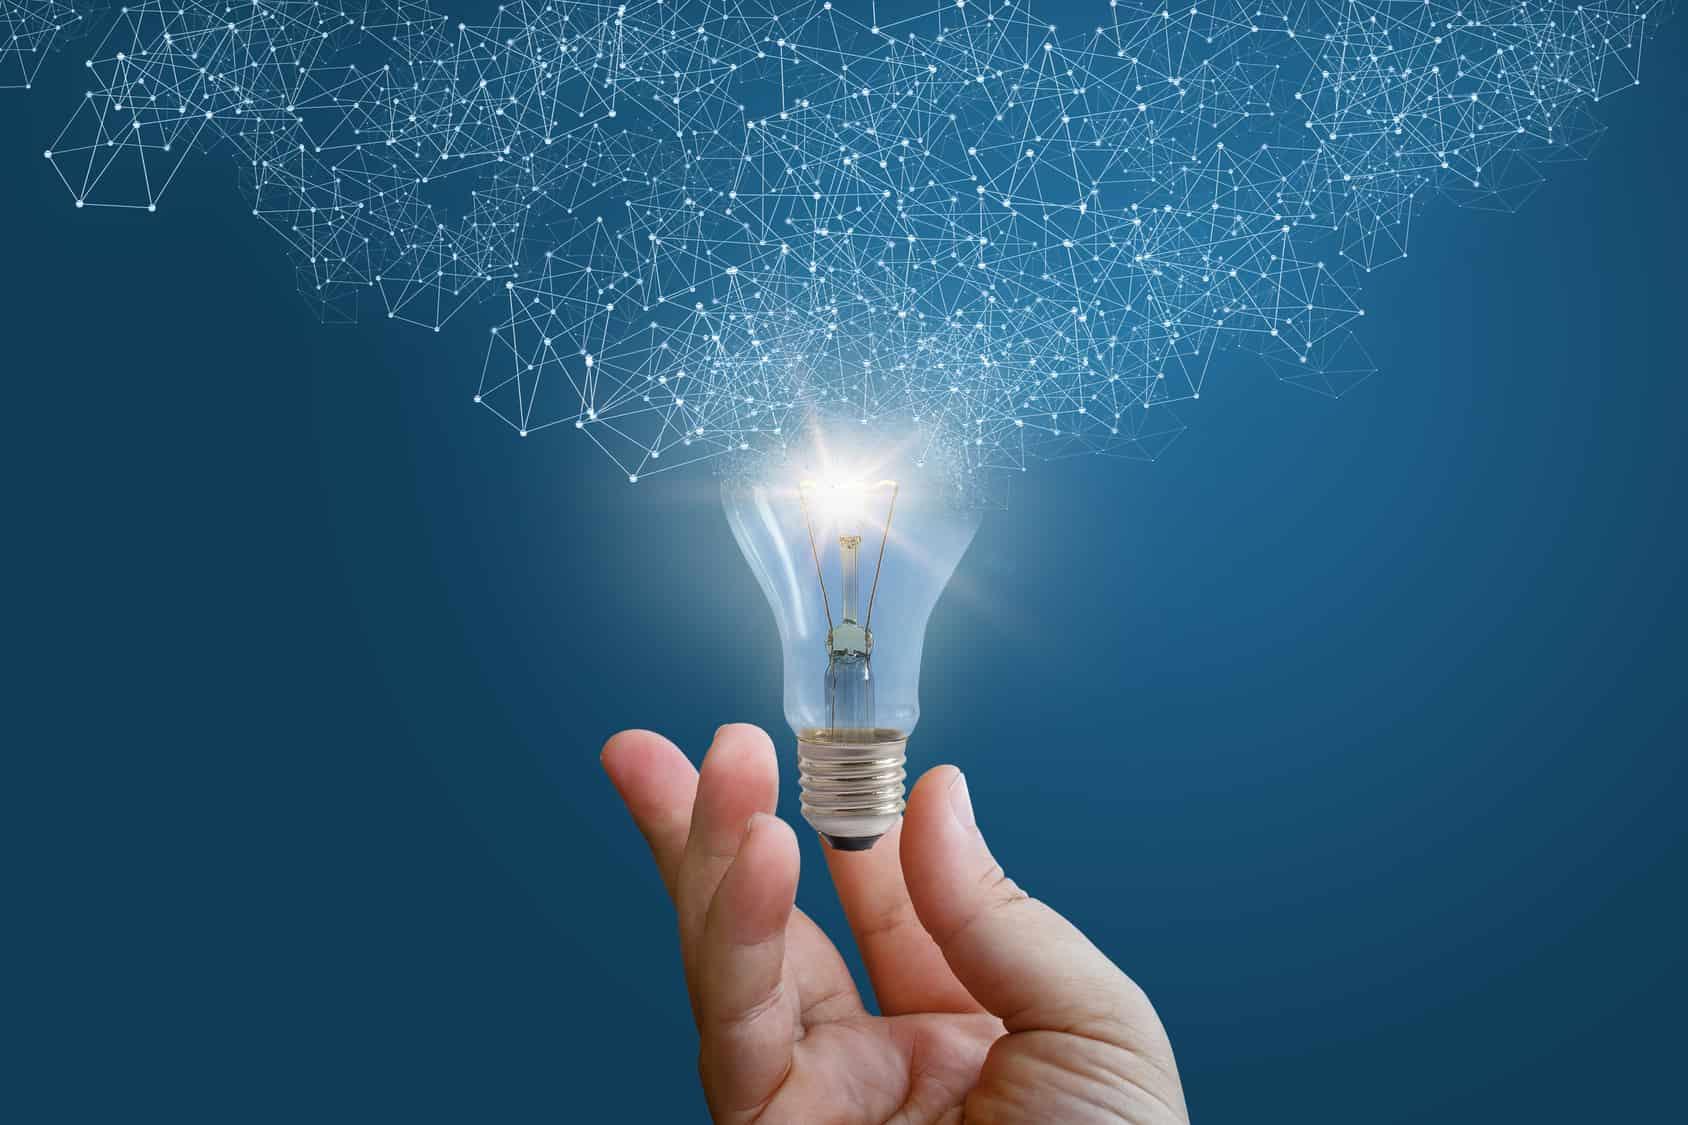 Este año gran parte de las innovaciones presentadas se centraron en productos relacionados con el Internet de las Cosas